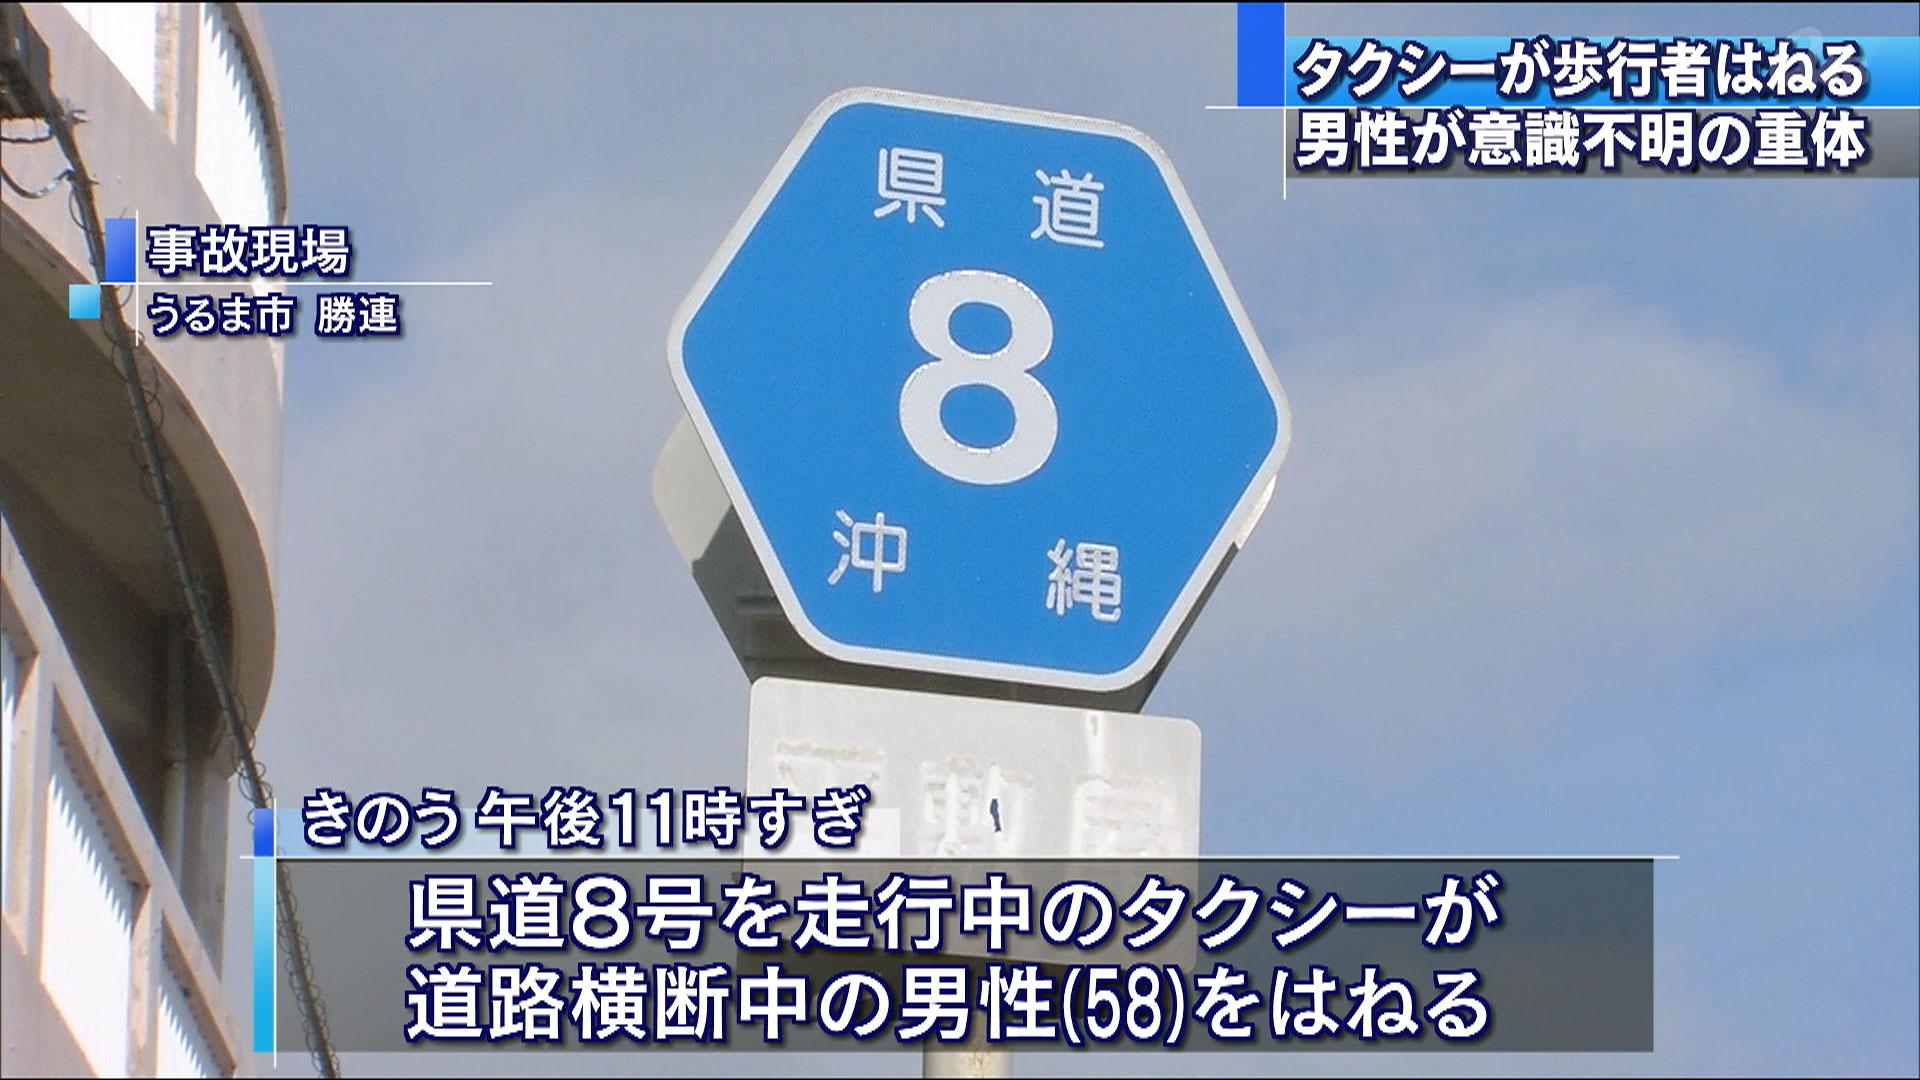 うるま市でタクシーが歩行者をはねる事故発生